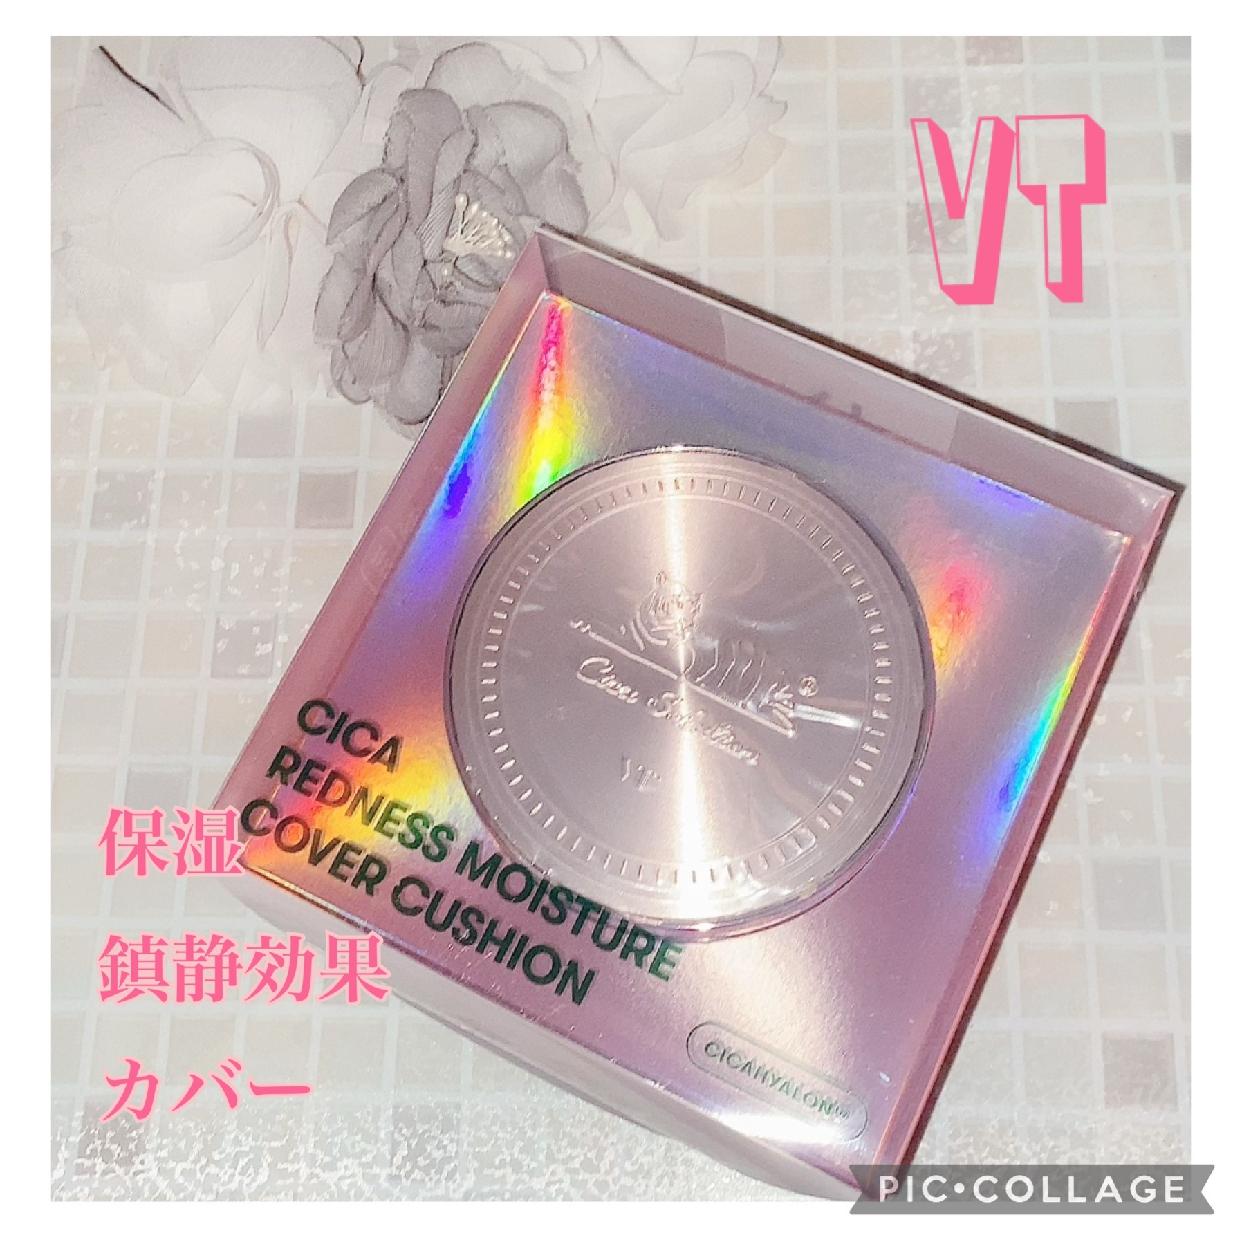 VT COSMETICS(ヴイティコスメティックス) シカレッドネスモイスチャーカバークッションを使った珈琲豆♡さんのクチコミ画像